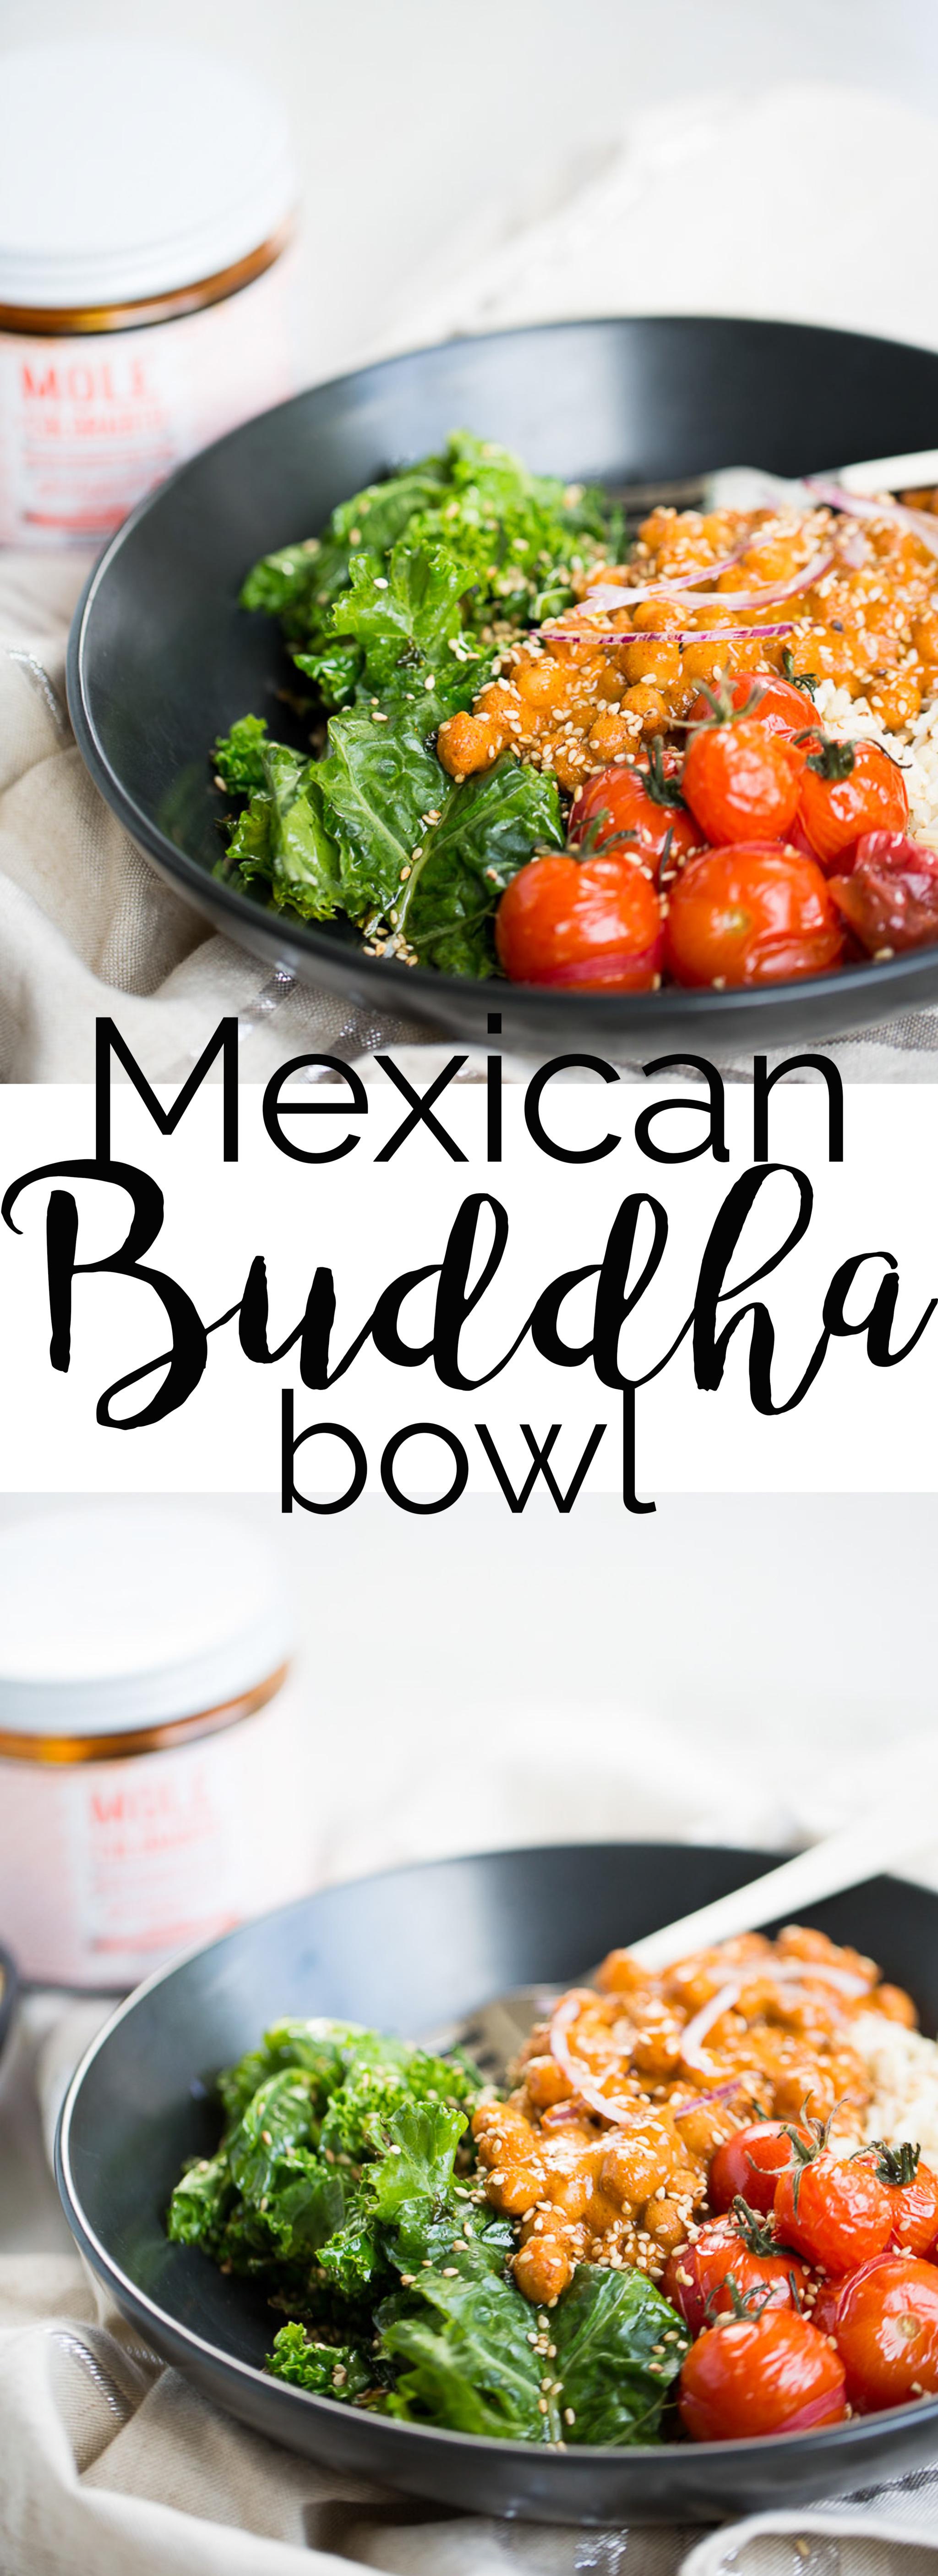 Esta receta para hacer un buddha bowl mexicano con arroz integral, verduras salteadas y garbanzos en salsa de mole coloradito es fácil,deliciosa y nutritiva.